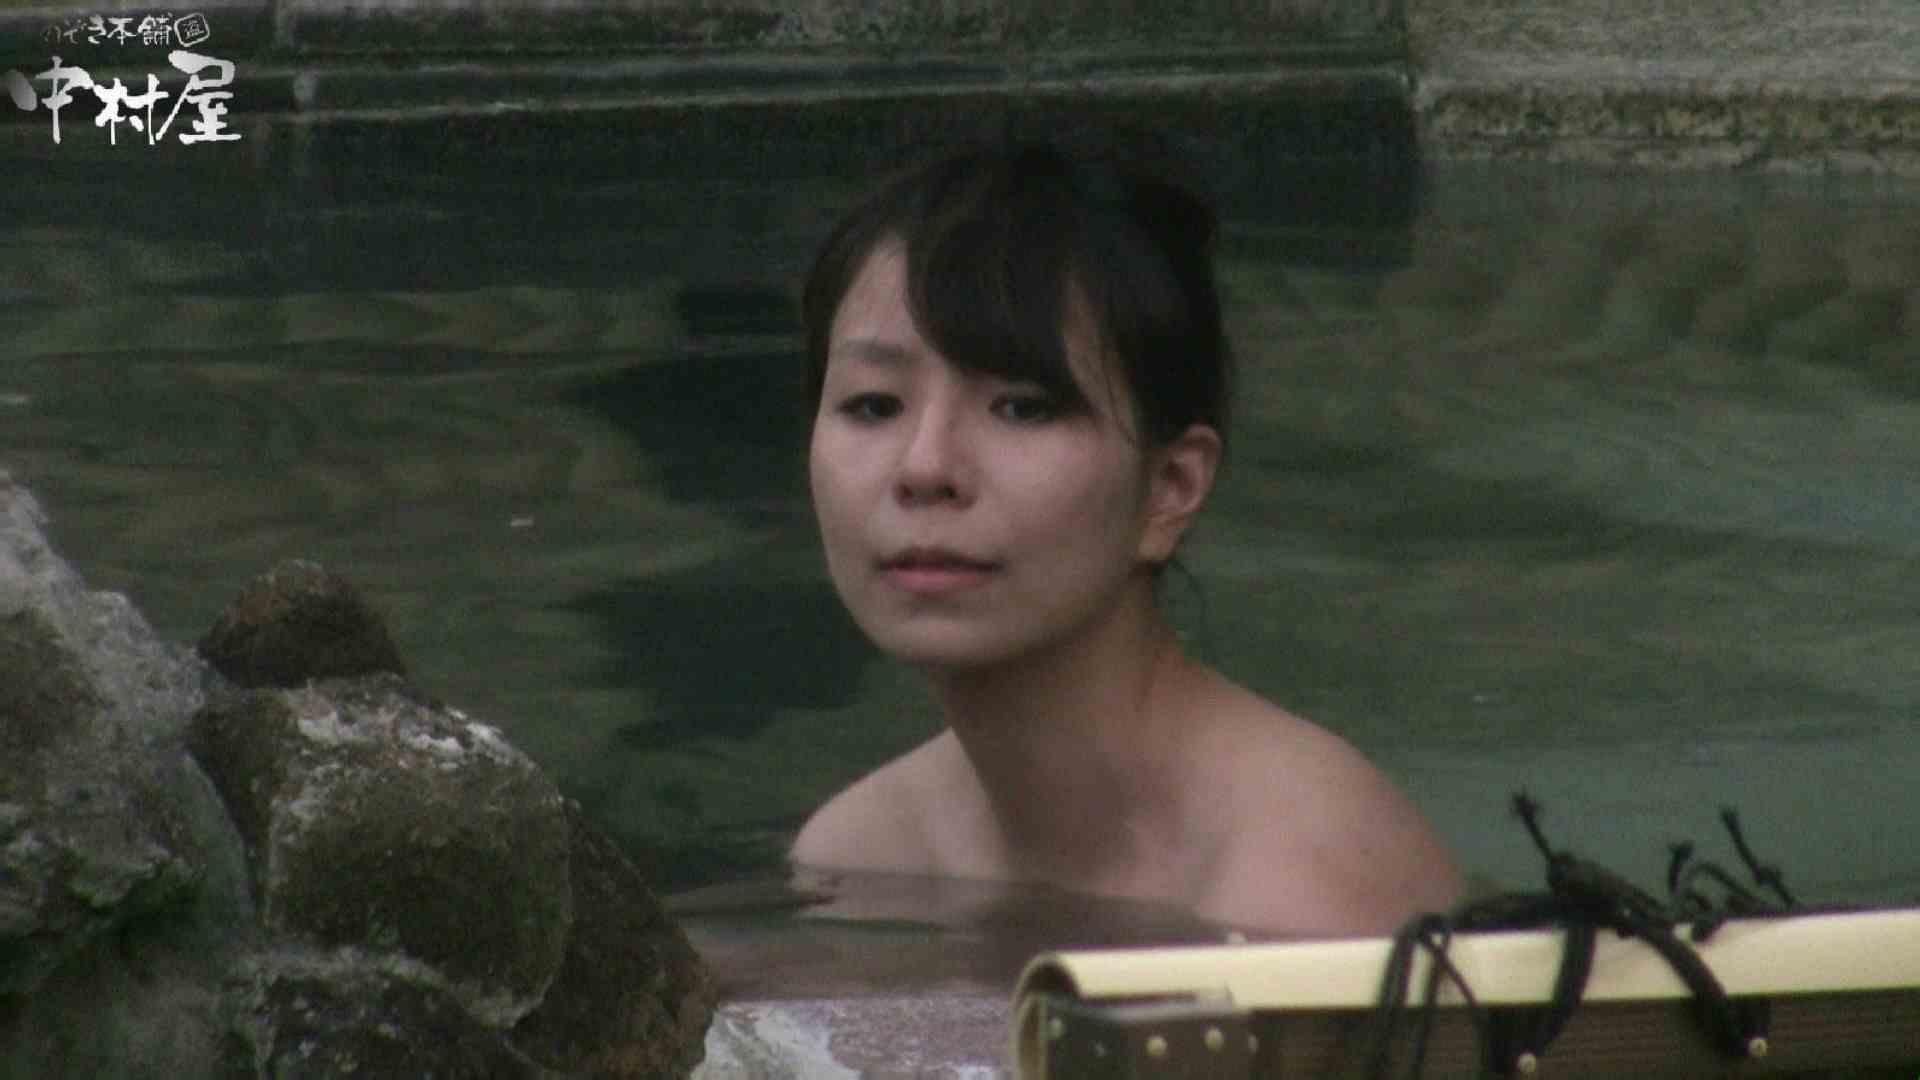 Aquaな露天風呂Vol.930 0  101pic 56